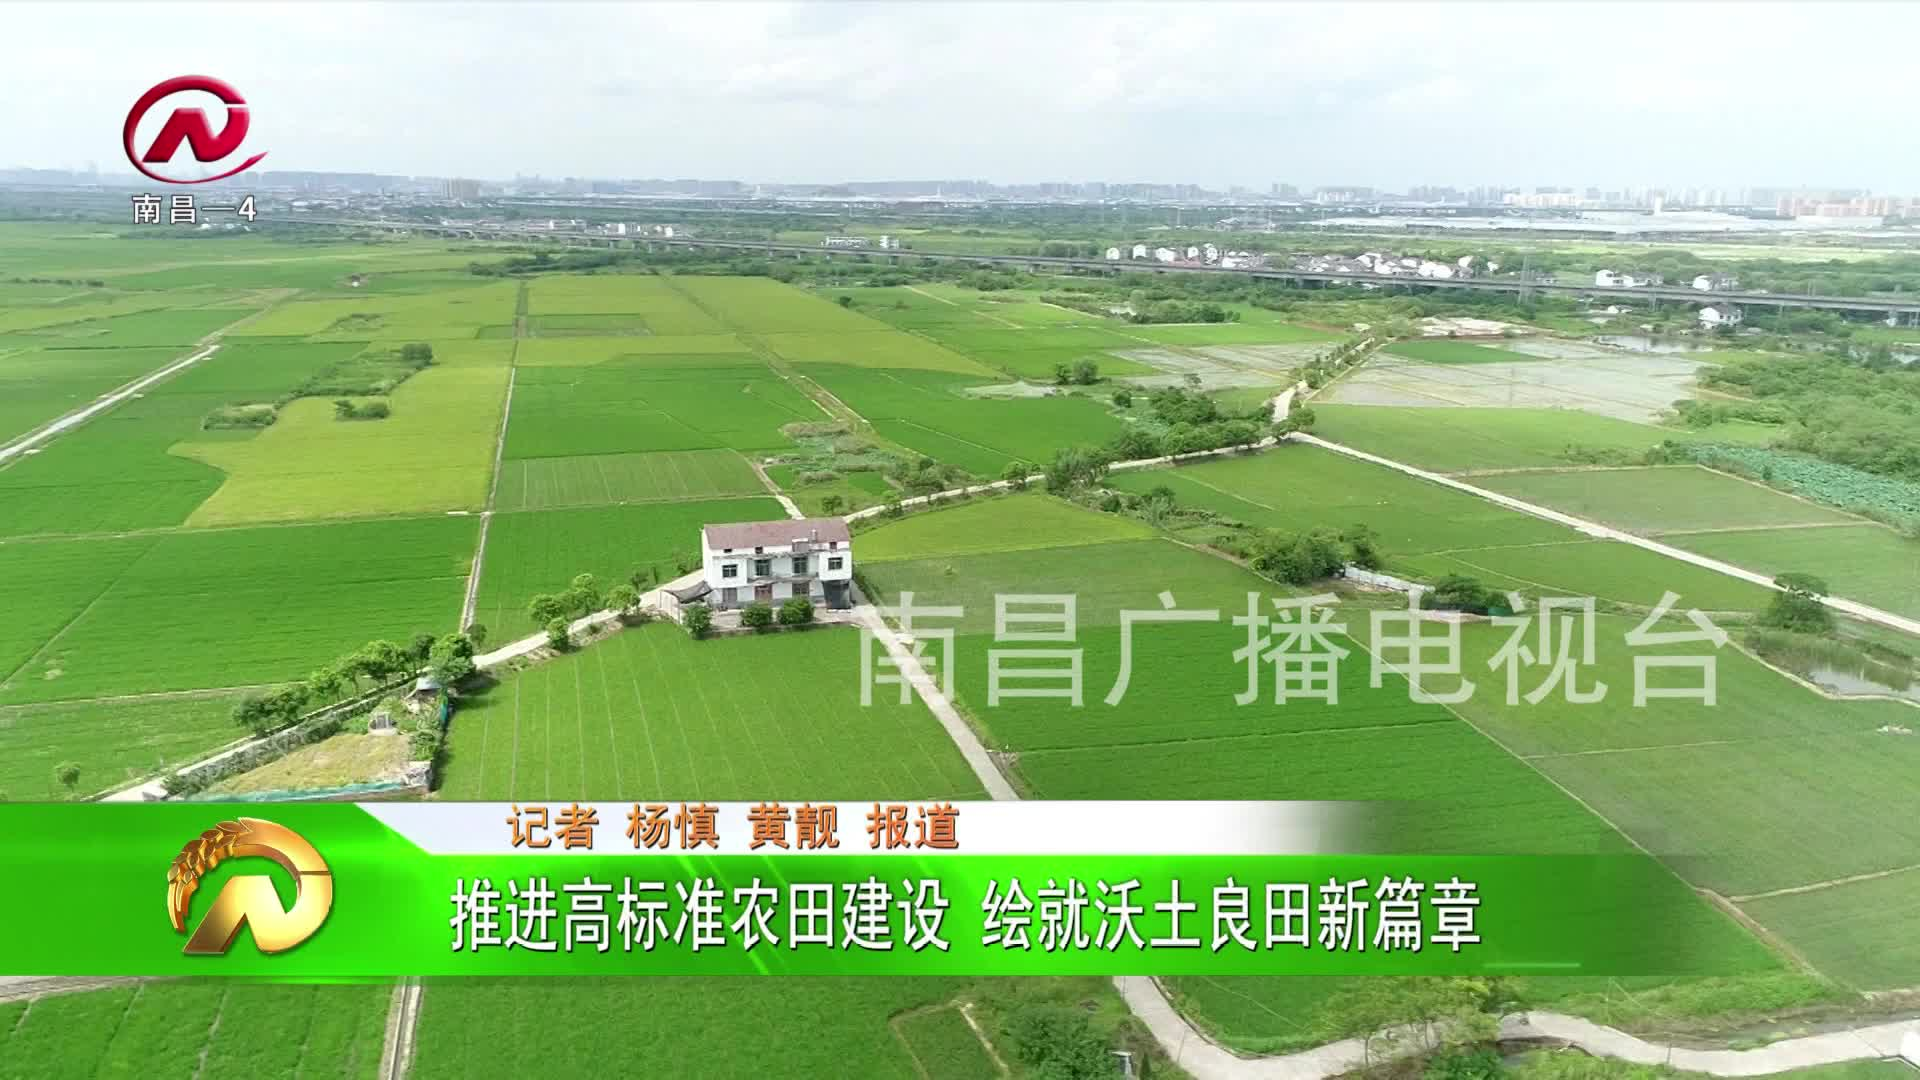 【豫章农视】推进高标准农田建设 绘就沃土良田新篇章